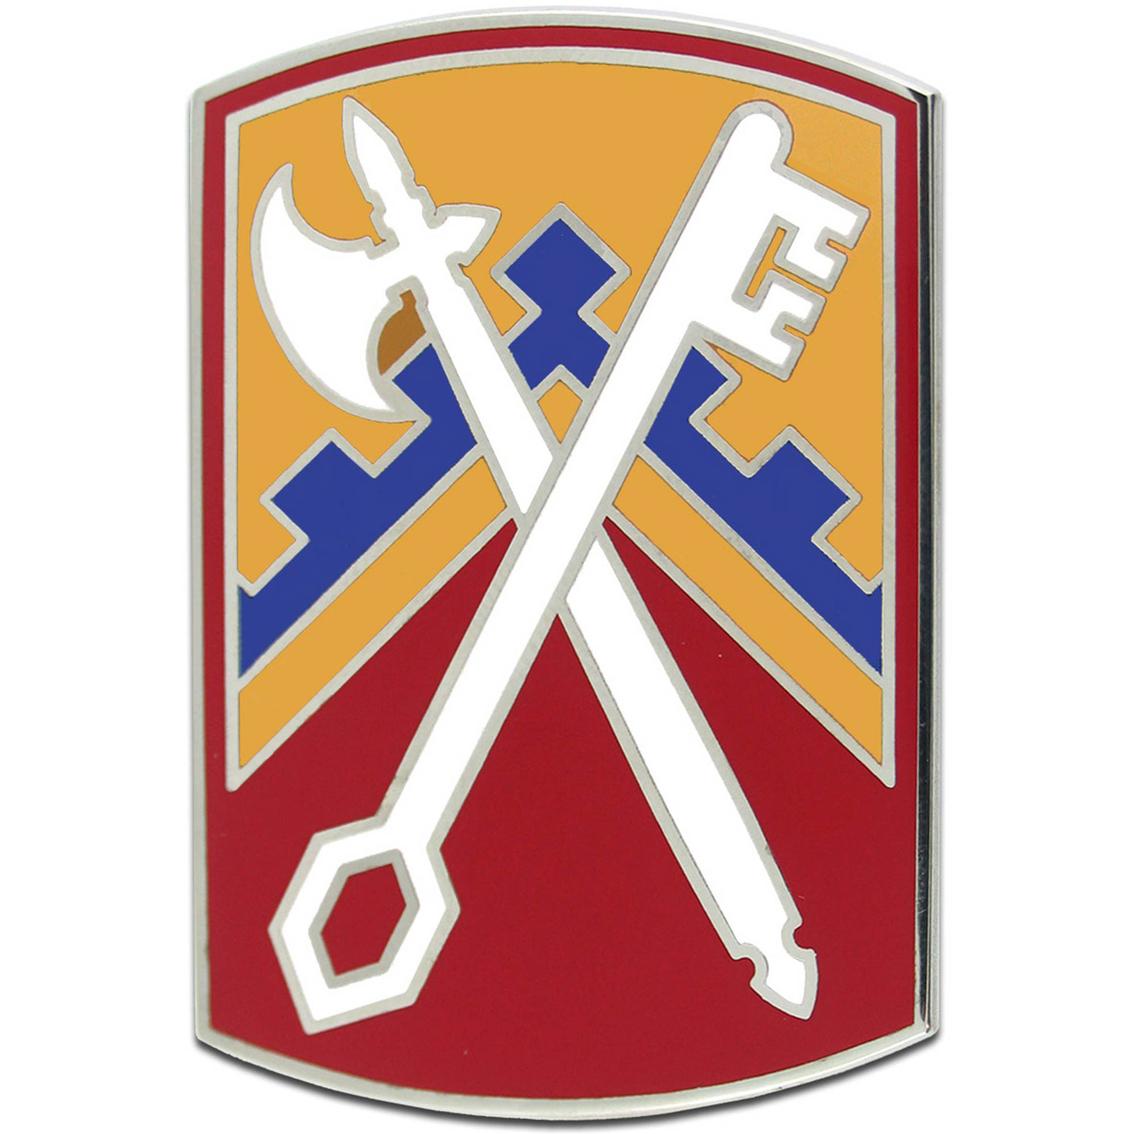 Army Csib 16th Sustainment Brigade Sustainment